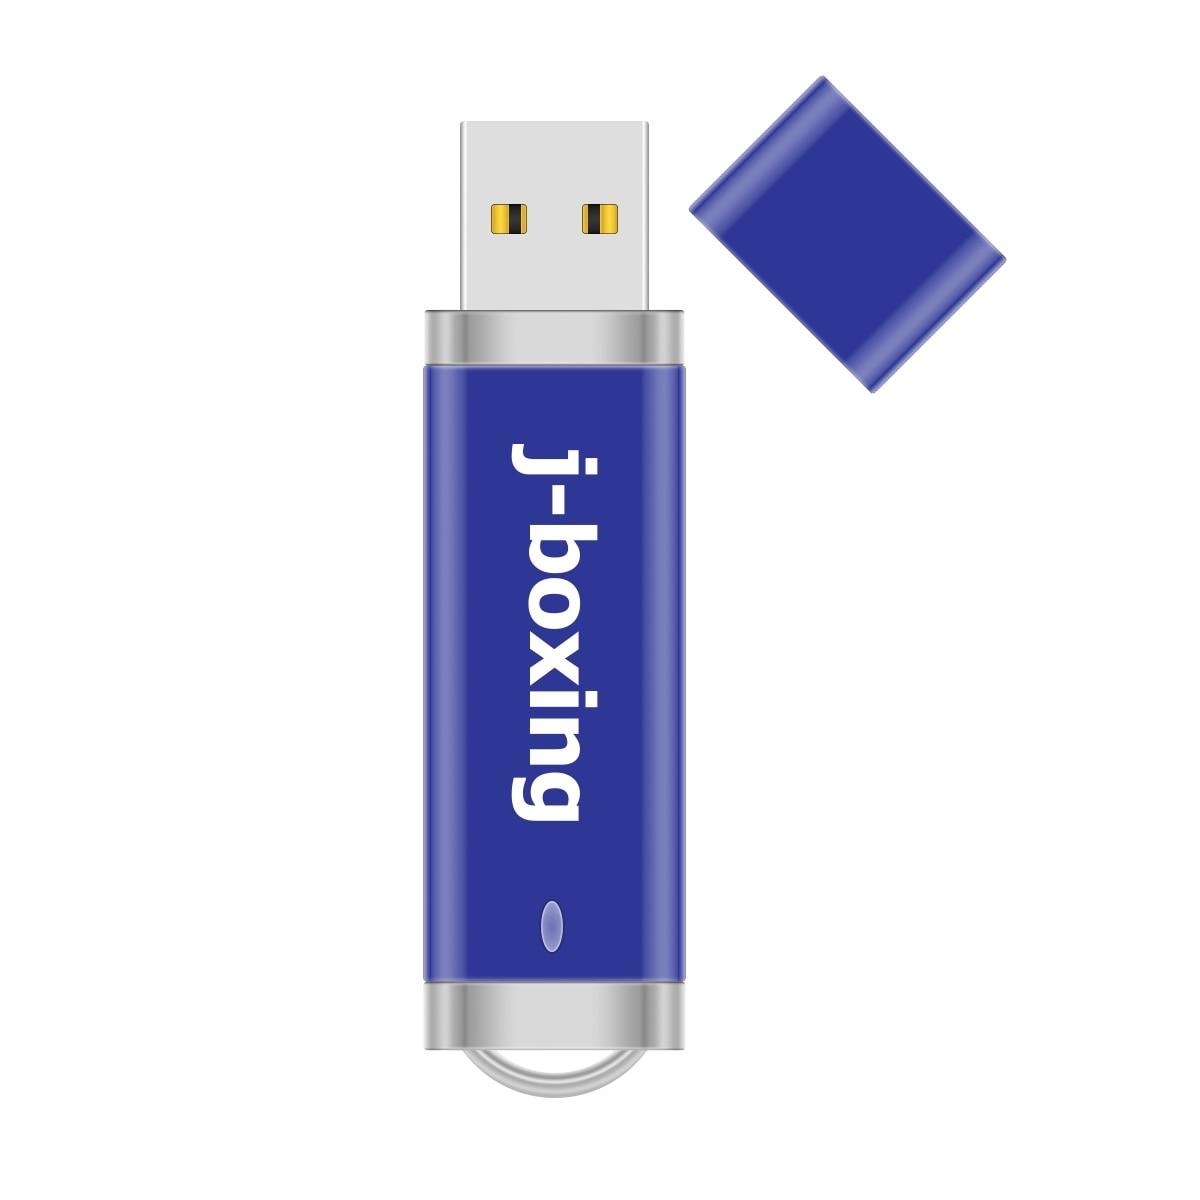 J-boxing 10PCS 64MB USB Flash Drives Bulk Small Capacity 128MB Lighter Design USB Memory Sticks Thumb Pendrives 256MB 512MB Blue enlarge